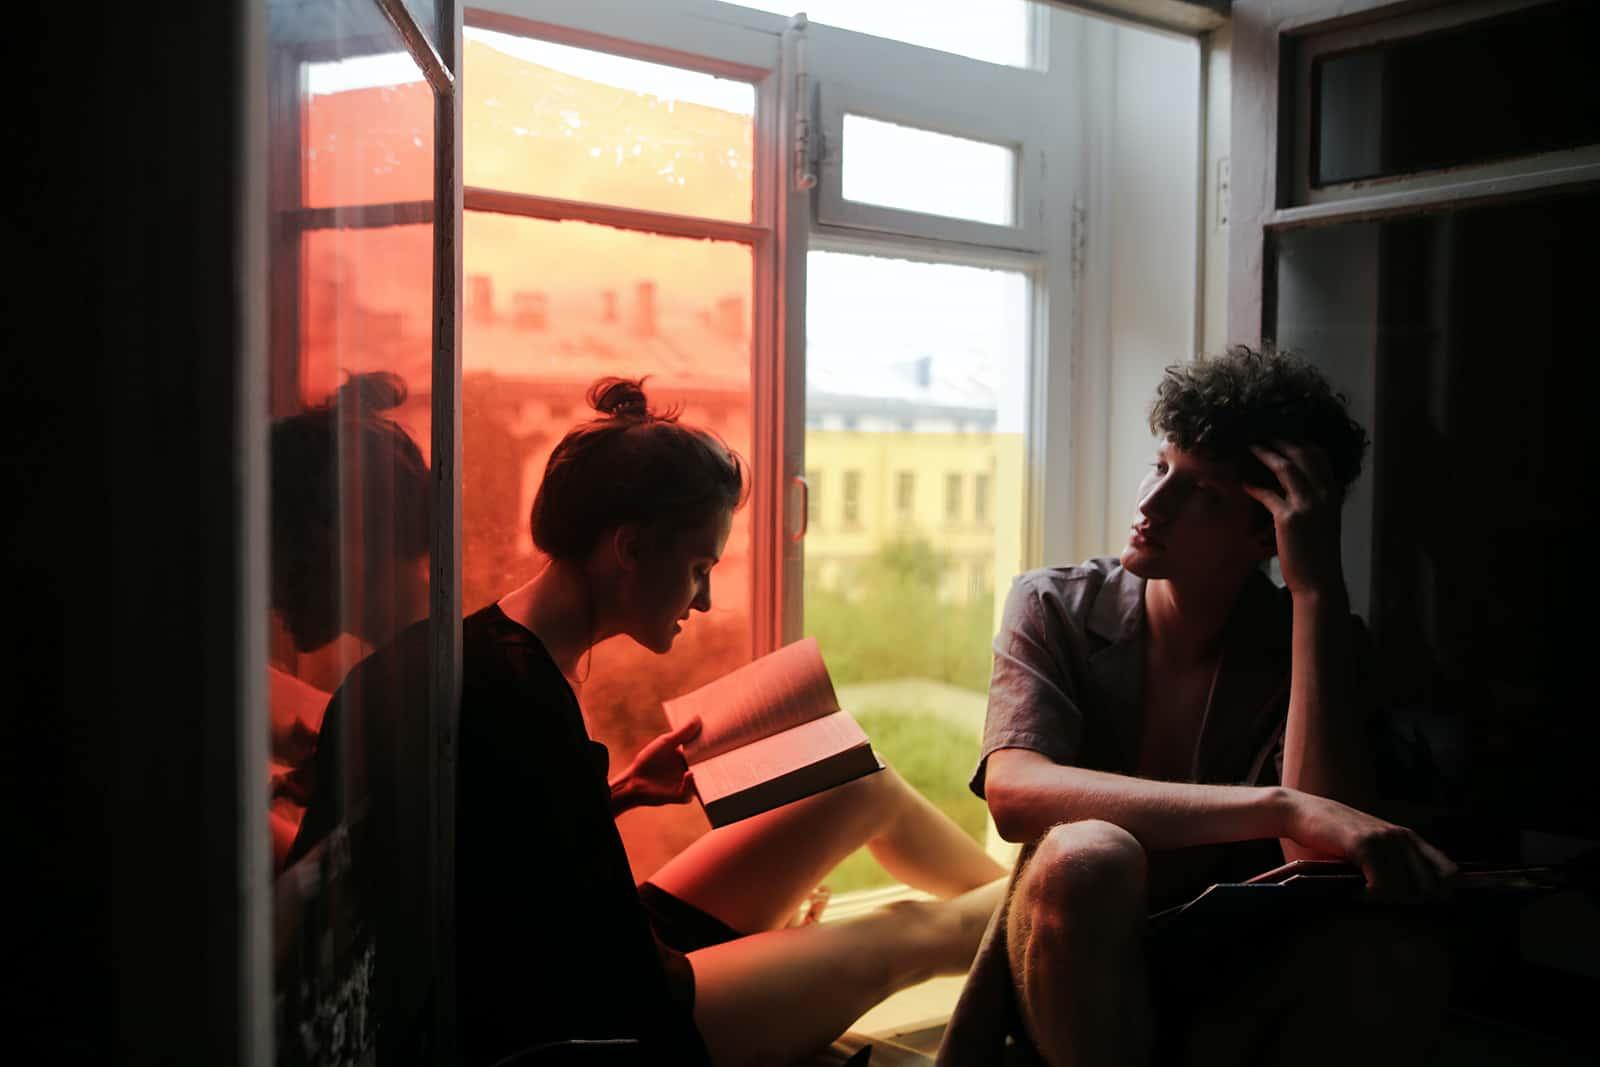 eine Frau, die einem Mann ein Buch vorliest, während sie zusammen auf einer Fensterbank sitzt